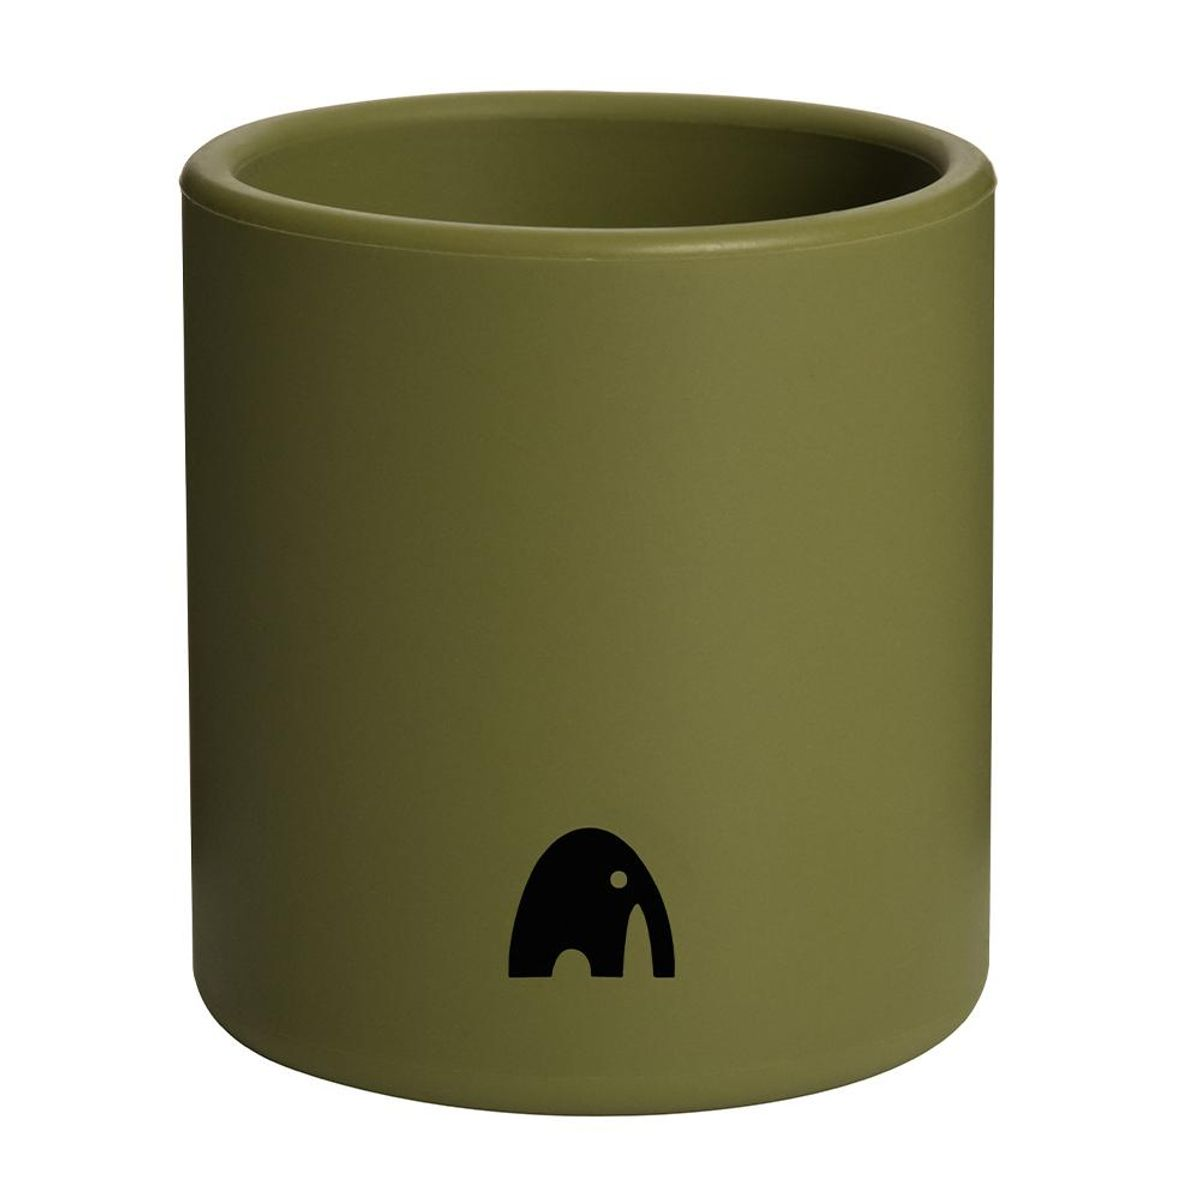 Kopp i Silikon - Olive